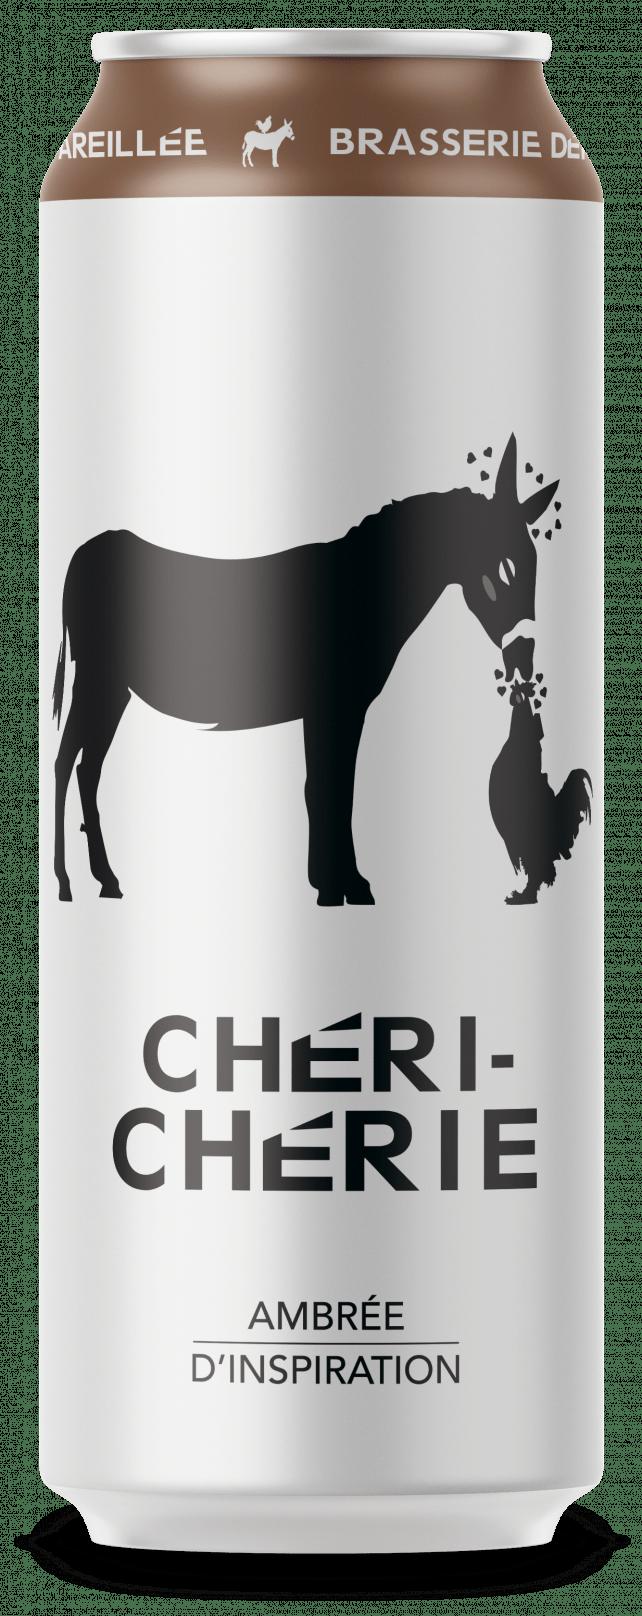 Chéri-Chérie